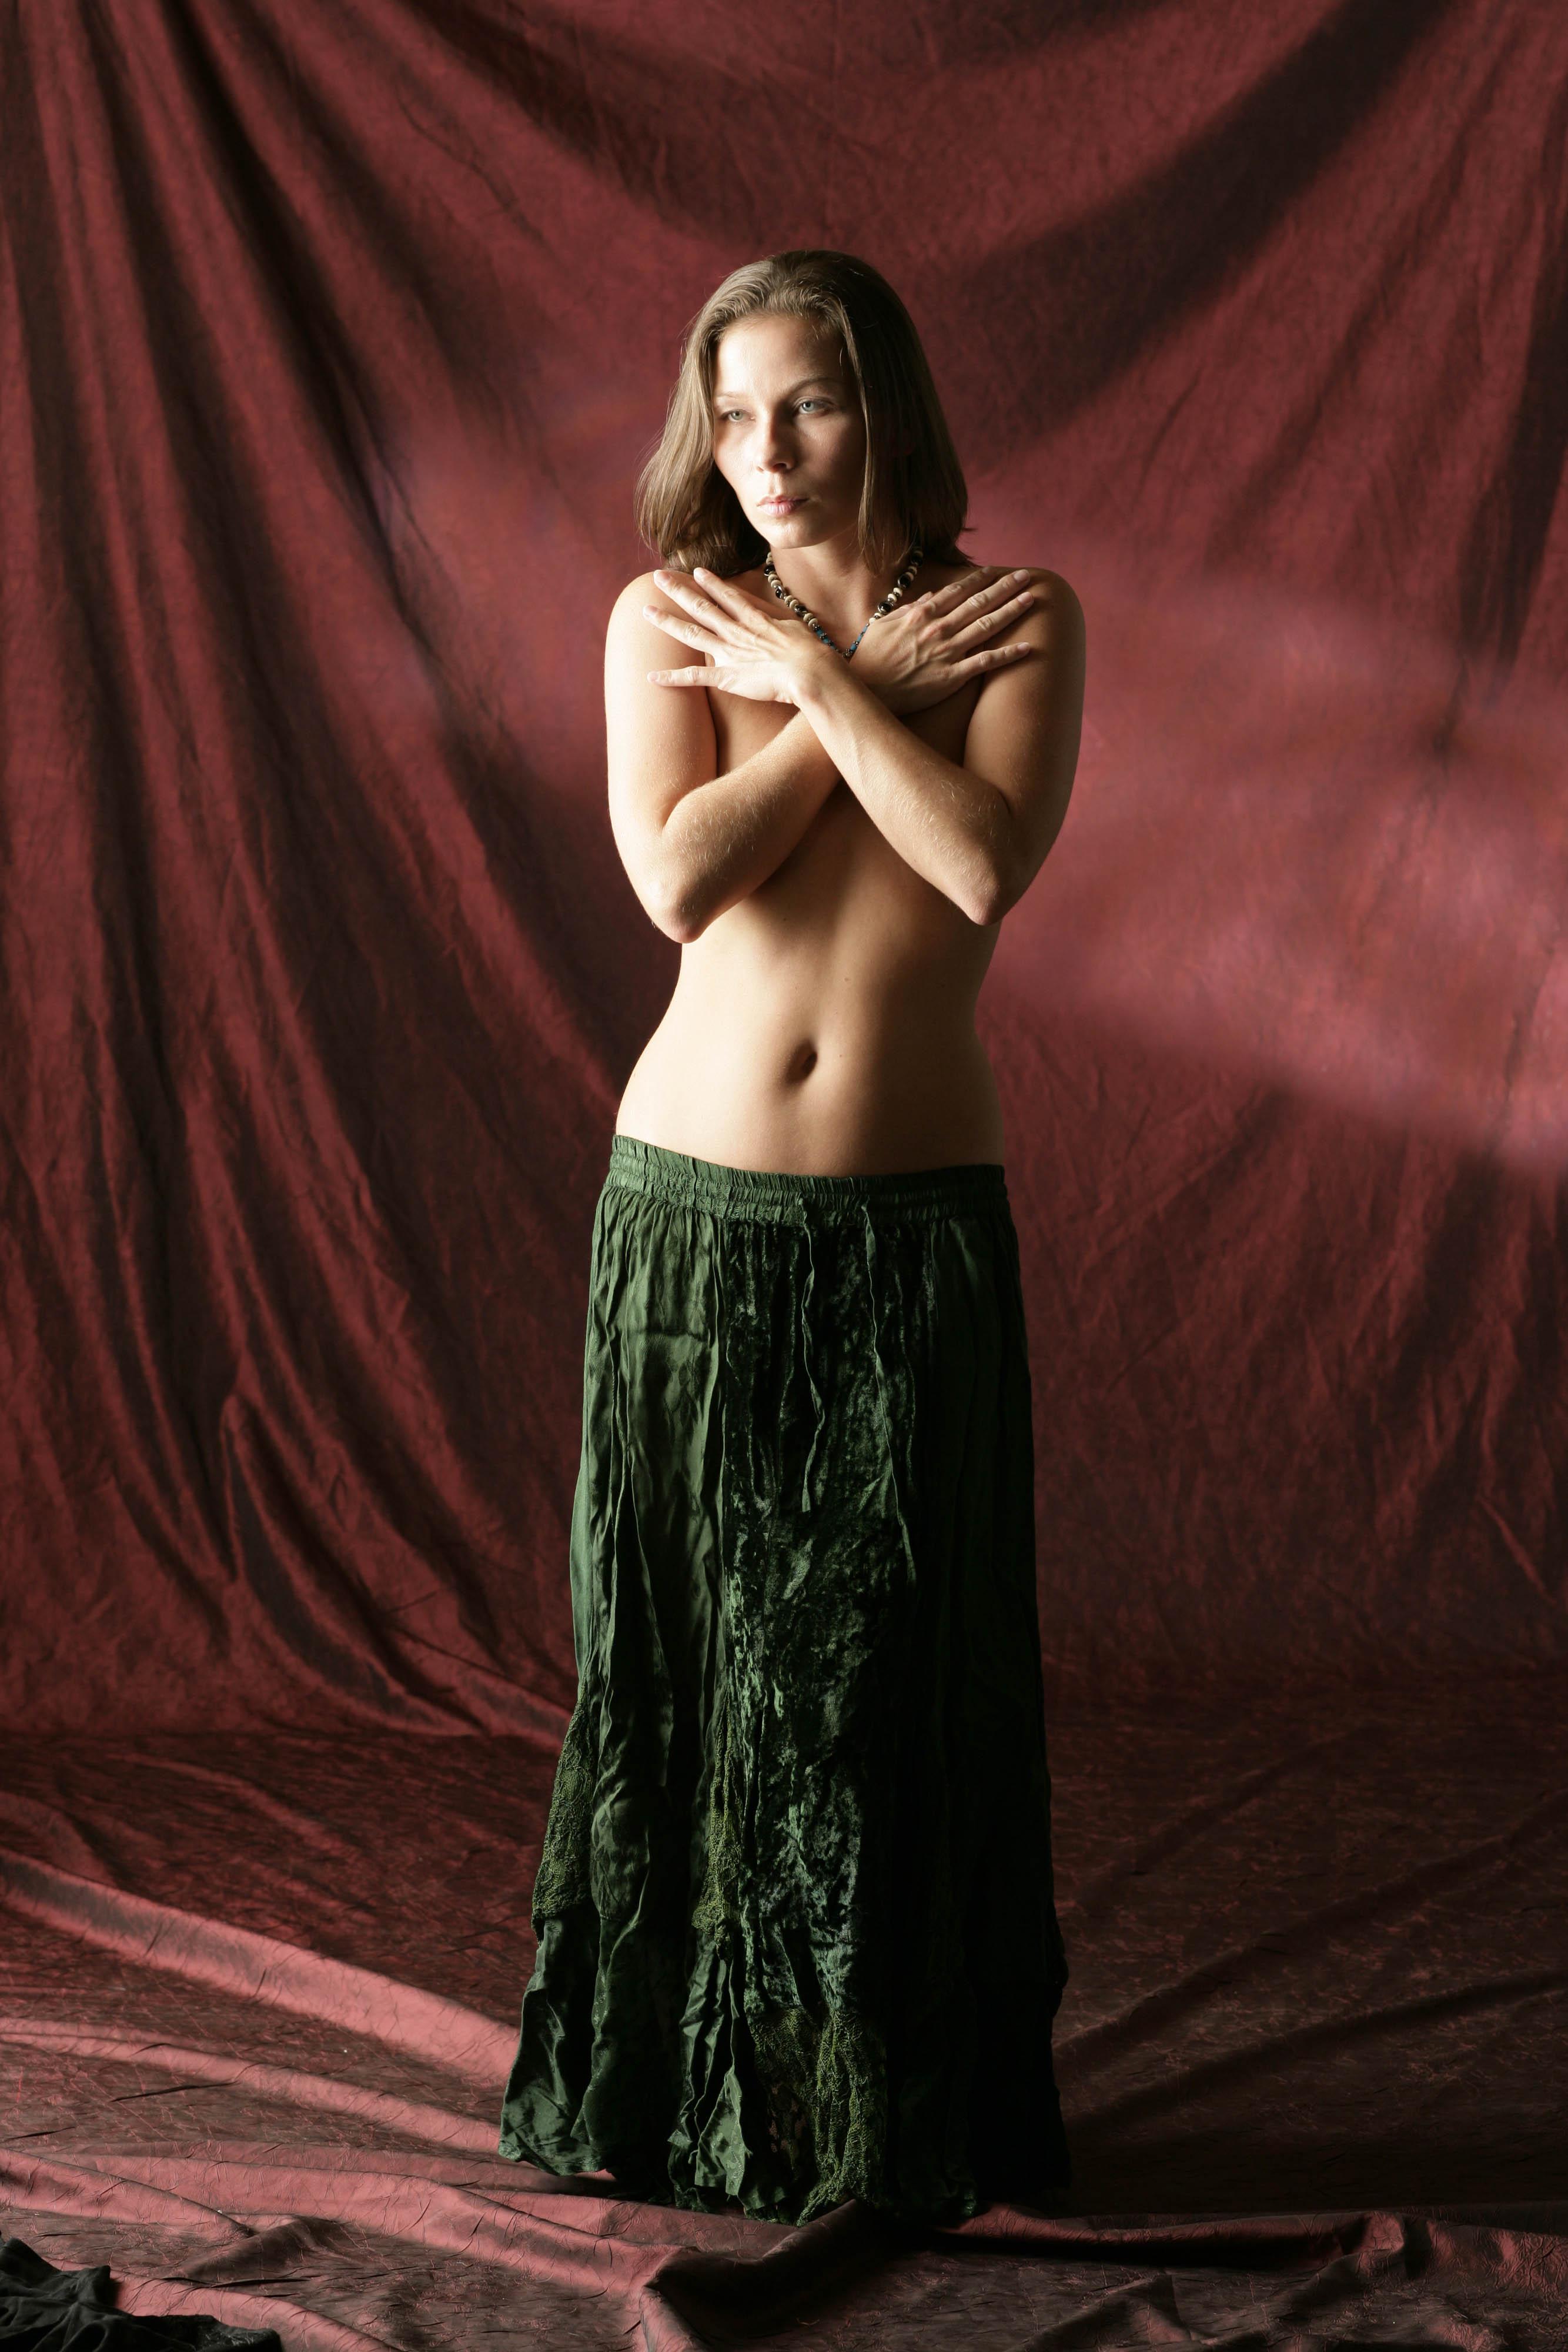 Эро фото в средневековых платьях 12 фотография